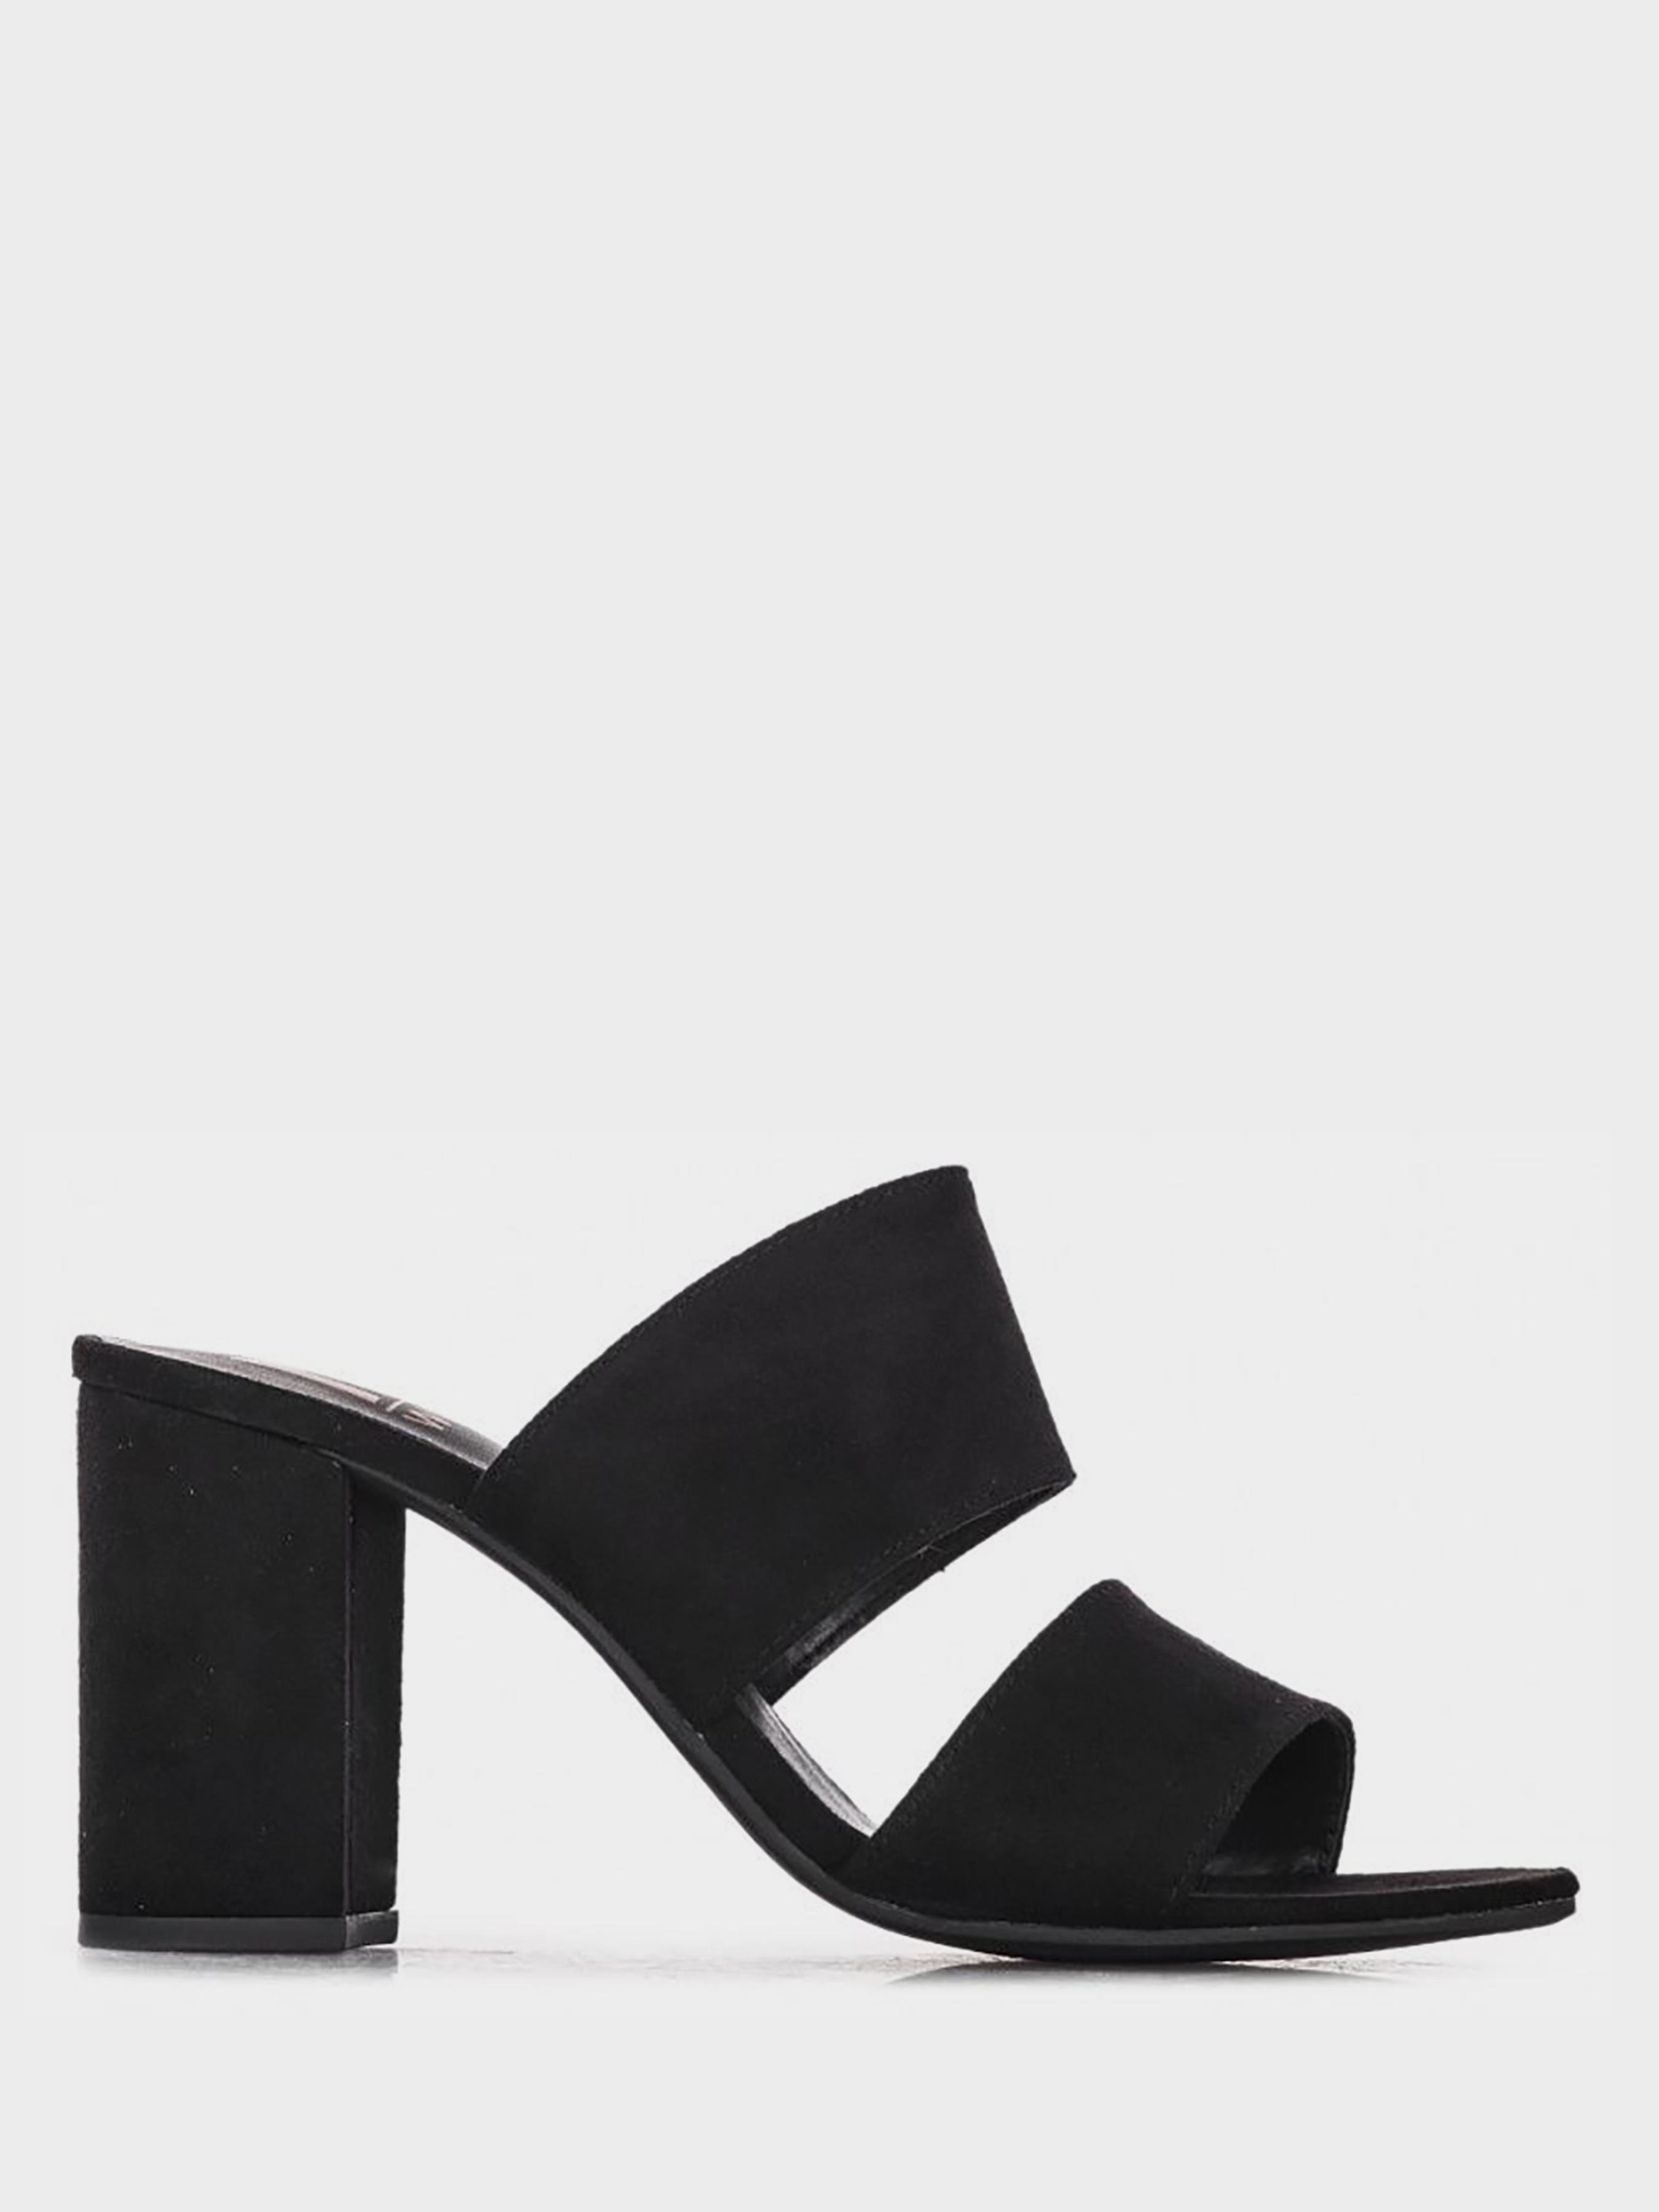 Босоножки для женщин M Wone OI131 размерная сетка обуви, 2017